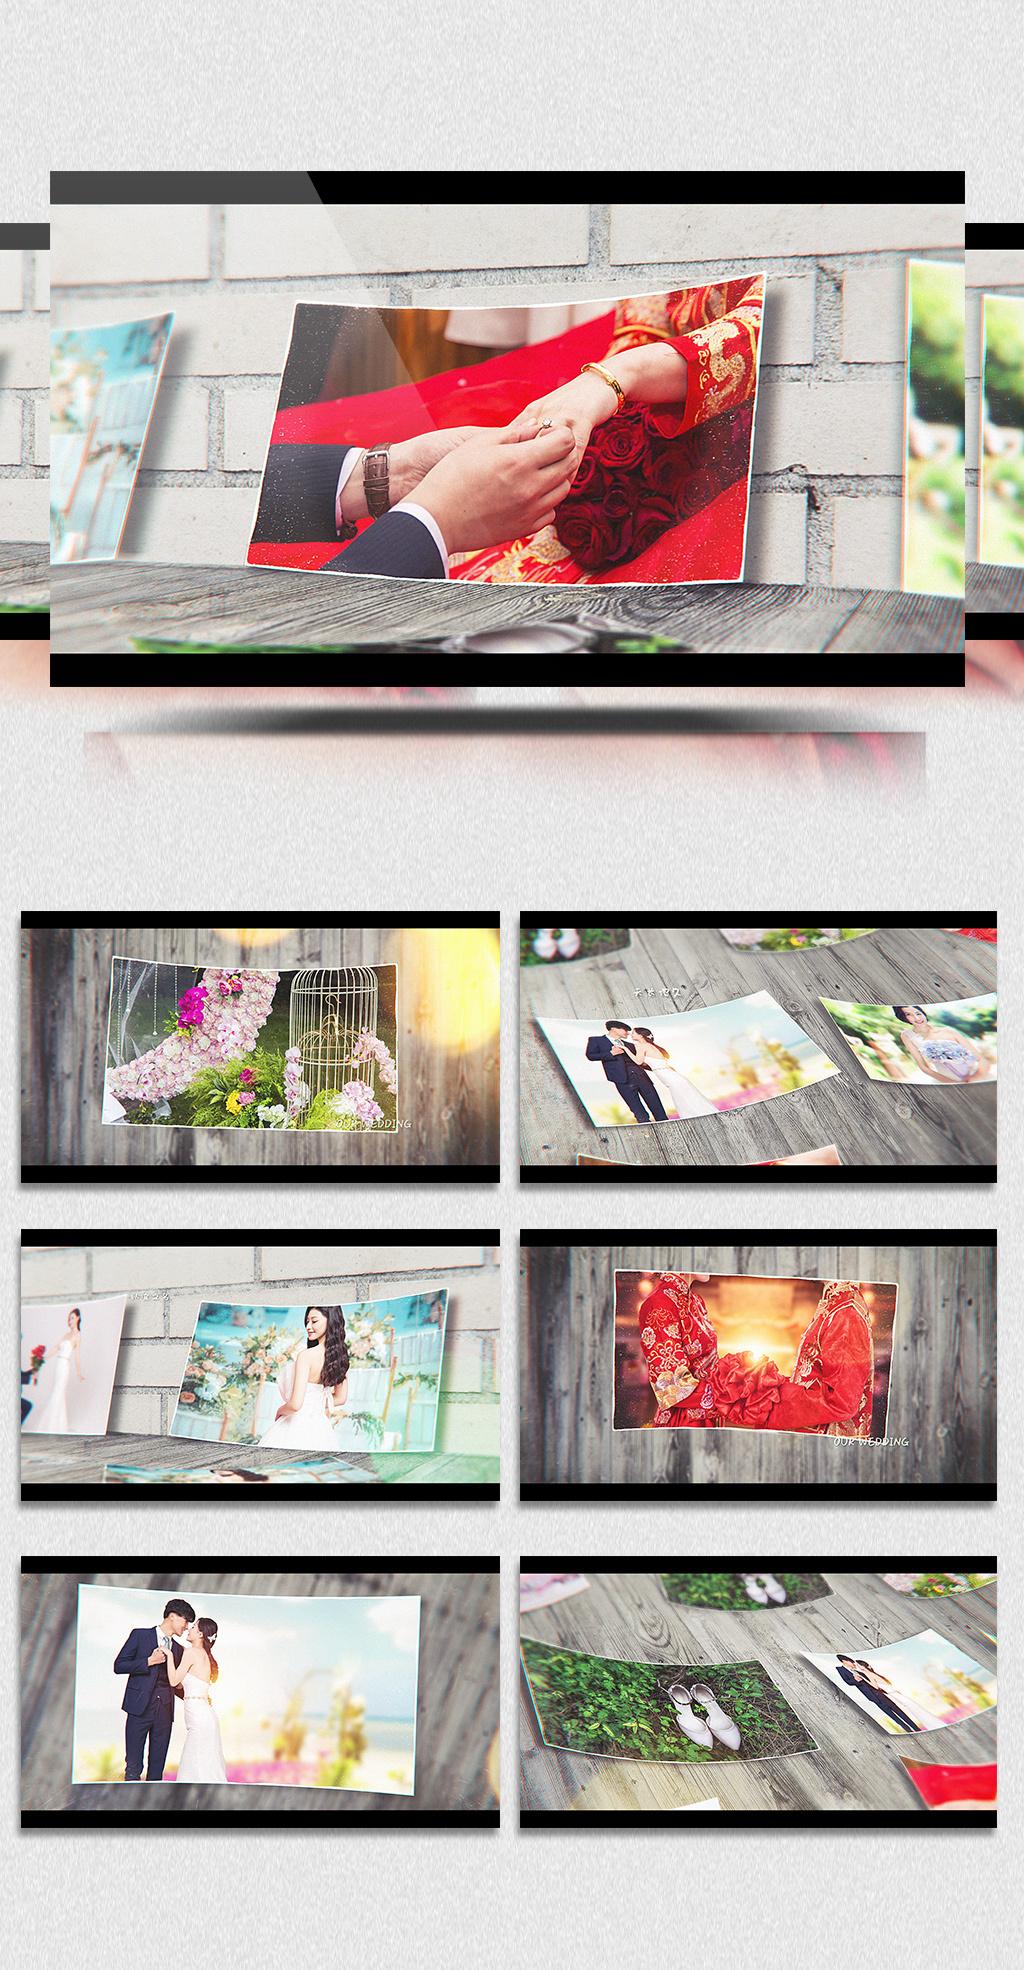 唯美模板纪念视频照片AE视频本绘婚礼点图片